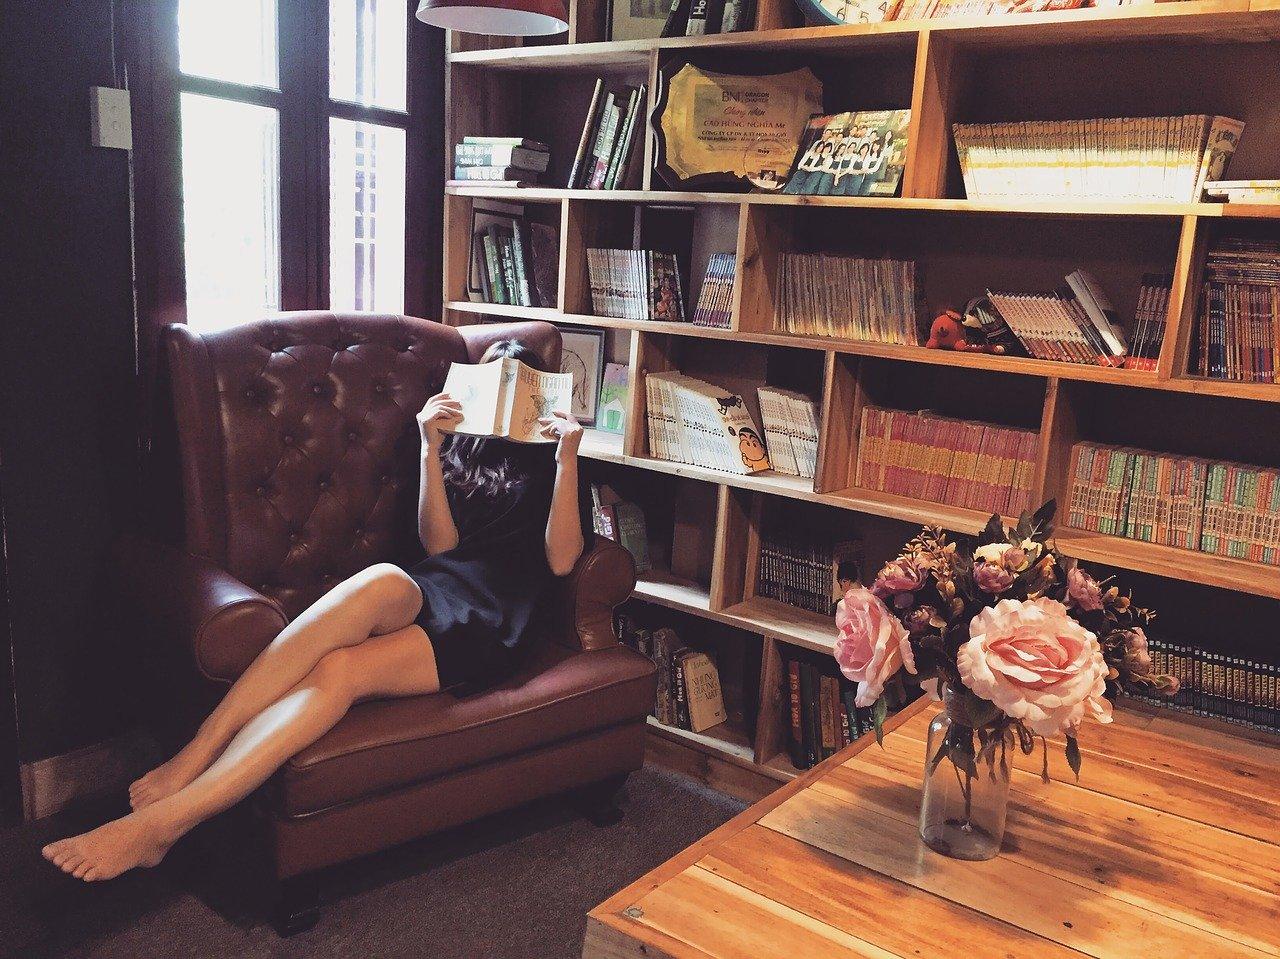 「英語で読むおすすめ小説・ビジネス本5選!洋書でリーディング力向上」のアイキャッチ画像